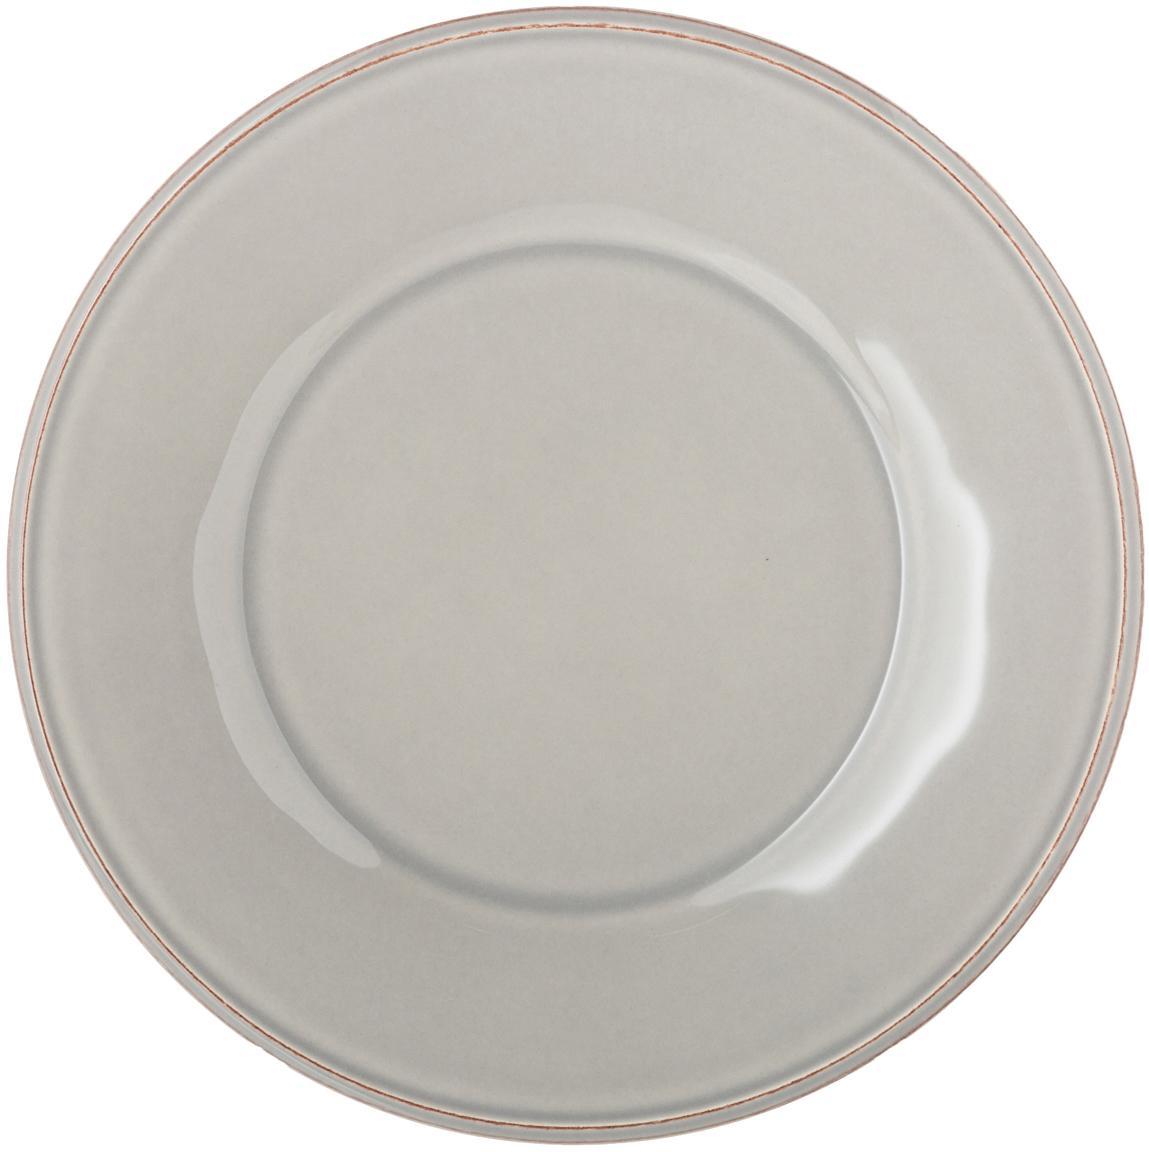 Piattino da dessert grigio chiaro Constance 2 pz, Terracotta, Grigio chiaro, Ø 24 cm